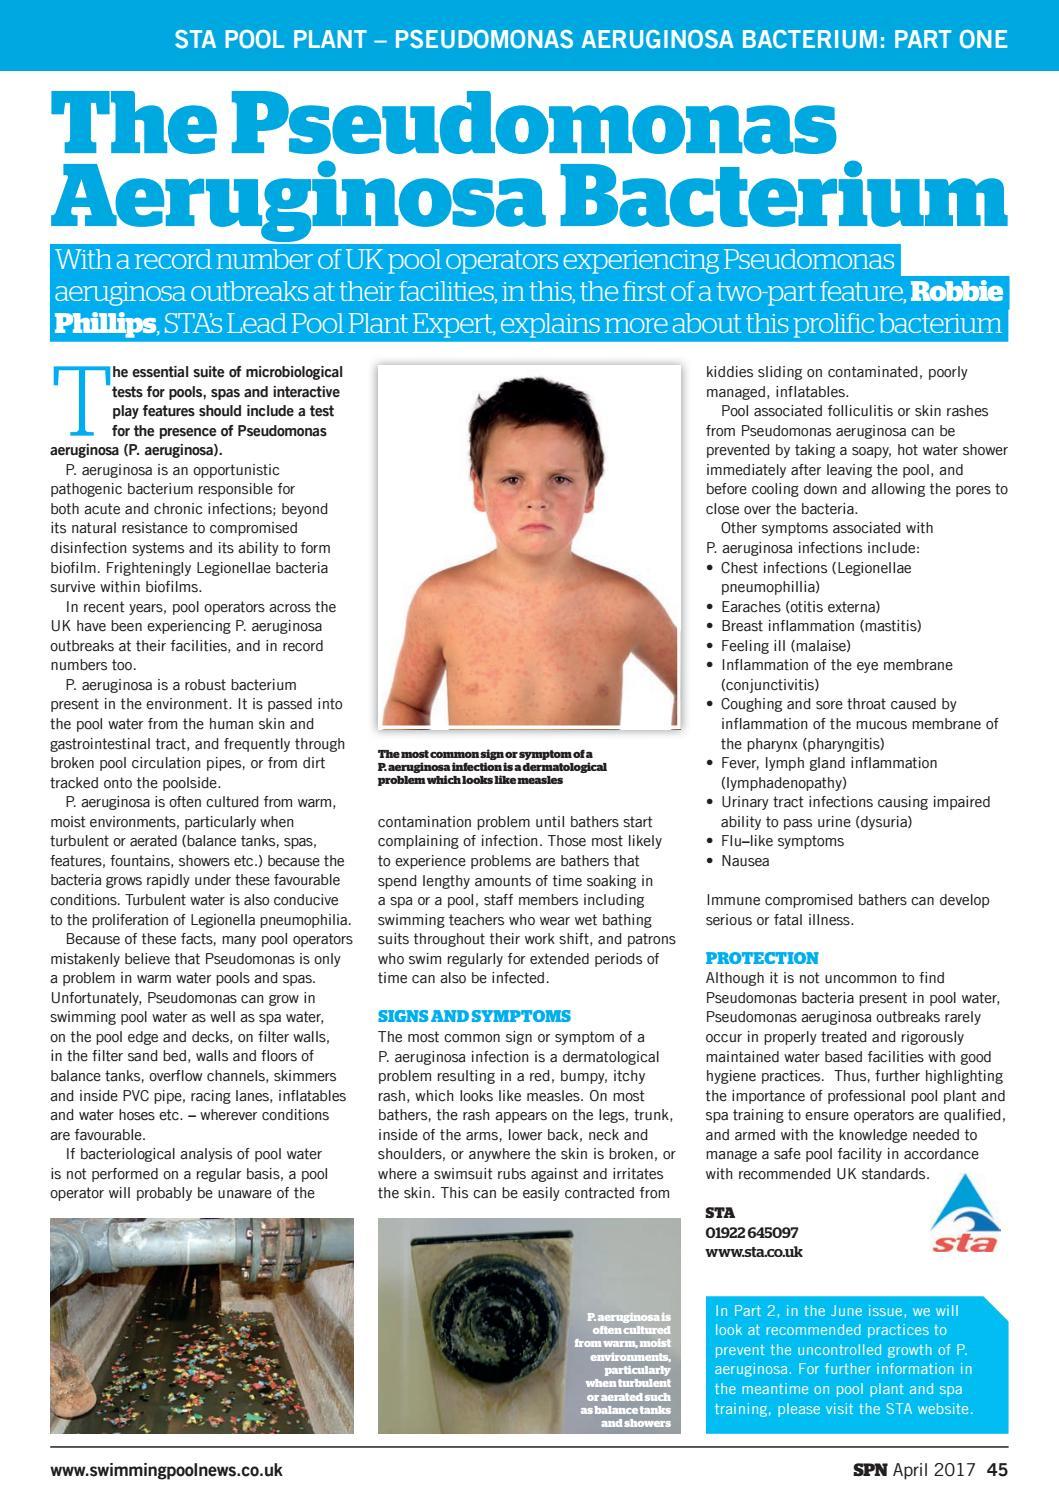 SPN (Swimming Pool News) April 2017 by Aqua Publishing Ltd